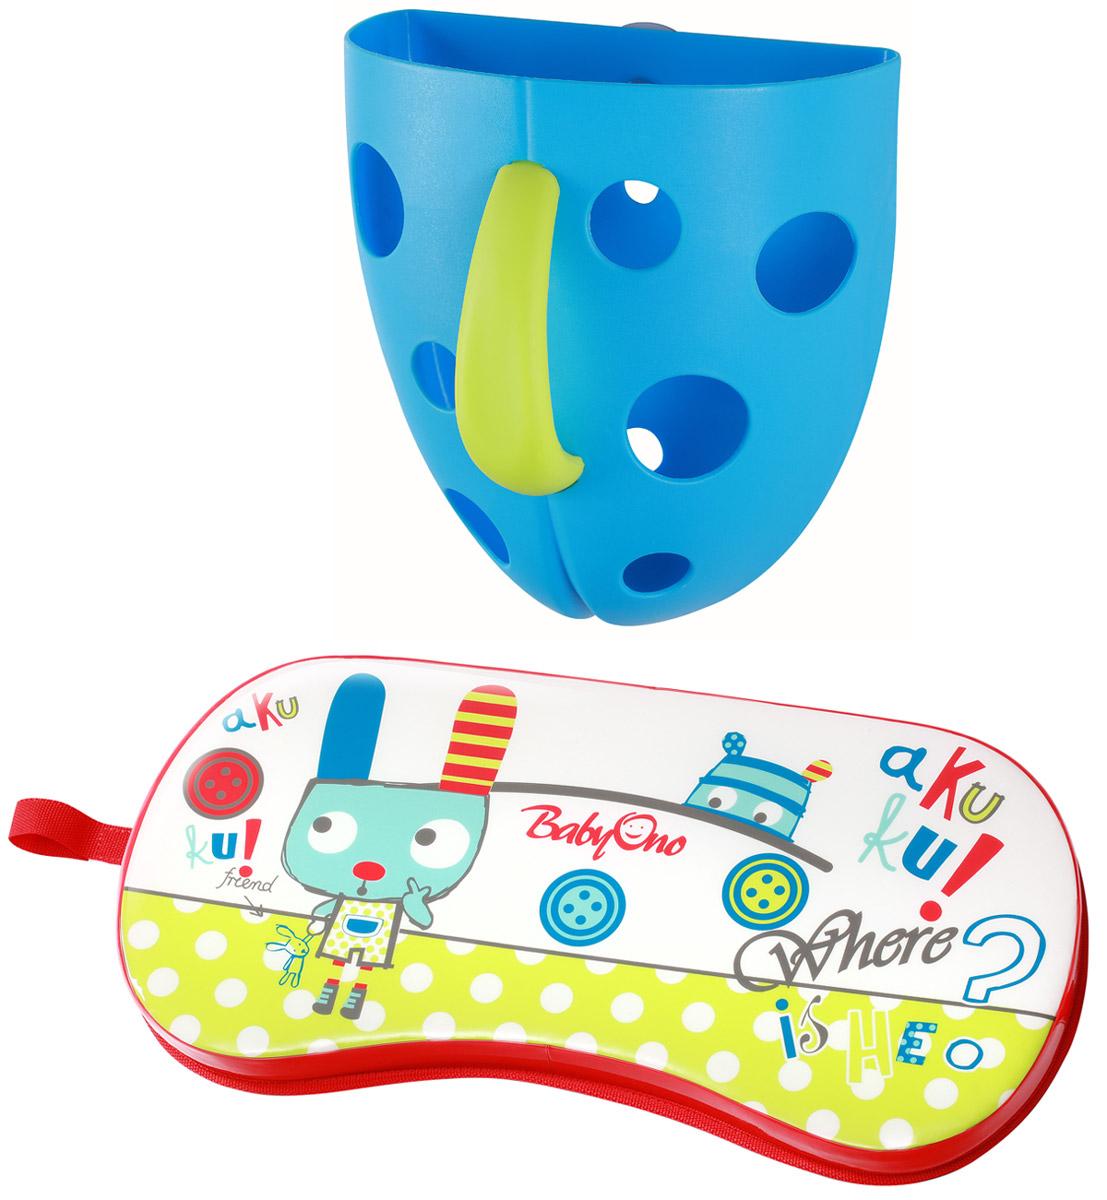 BabyOno Контейнер для игры в ванной цвет синий + коврик под колени